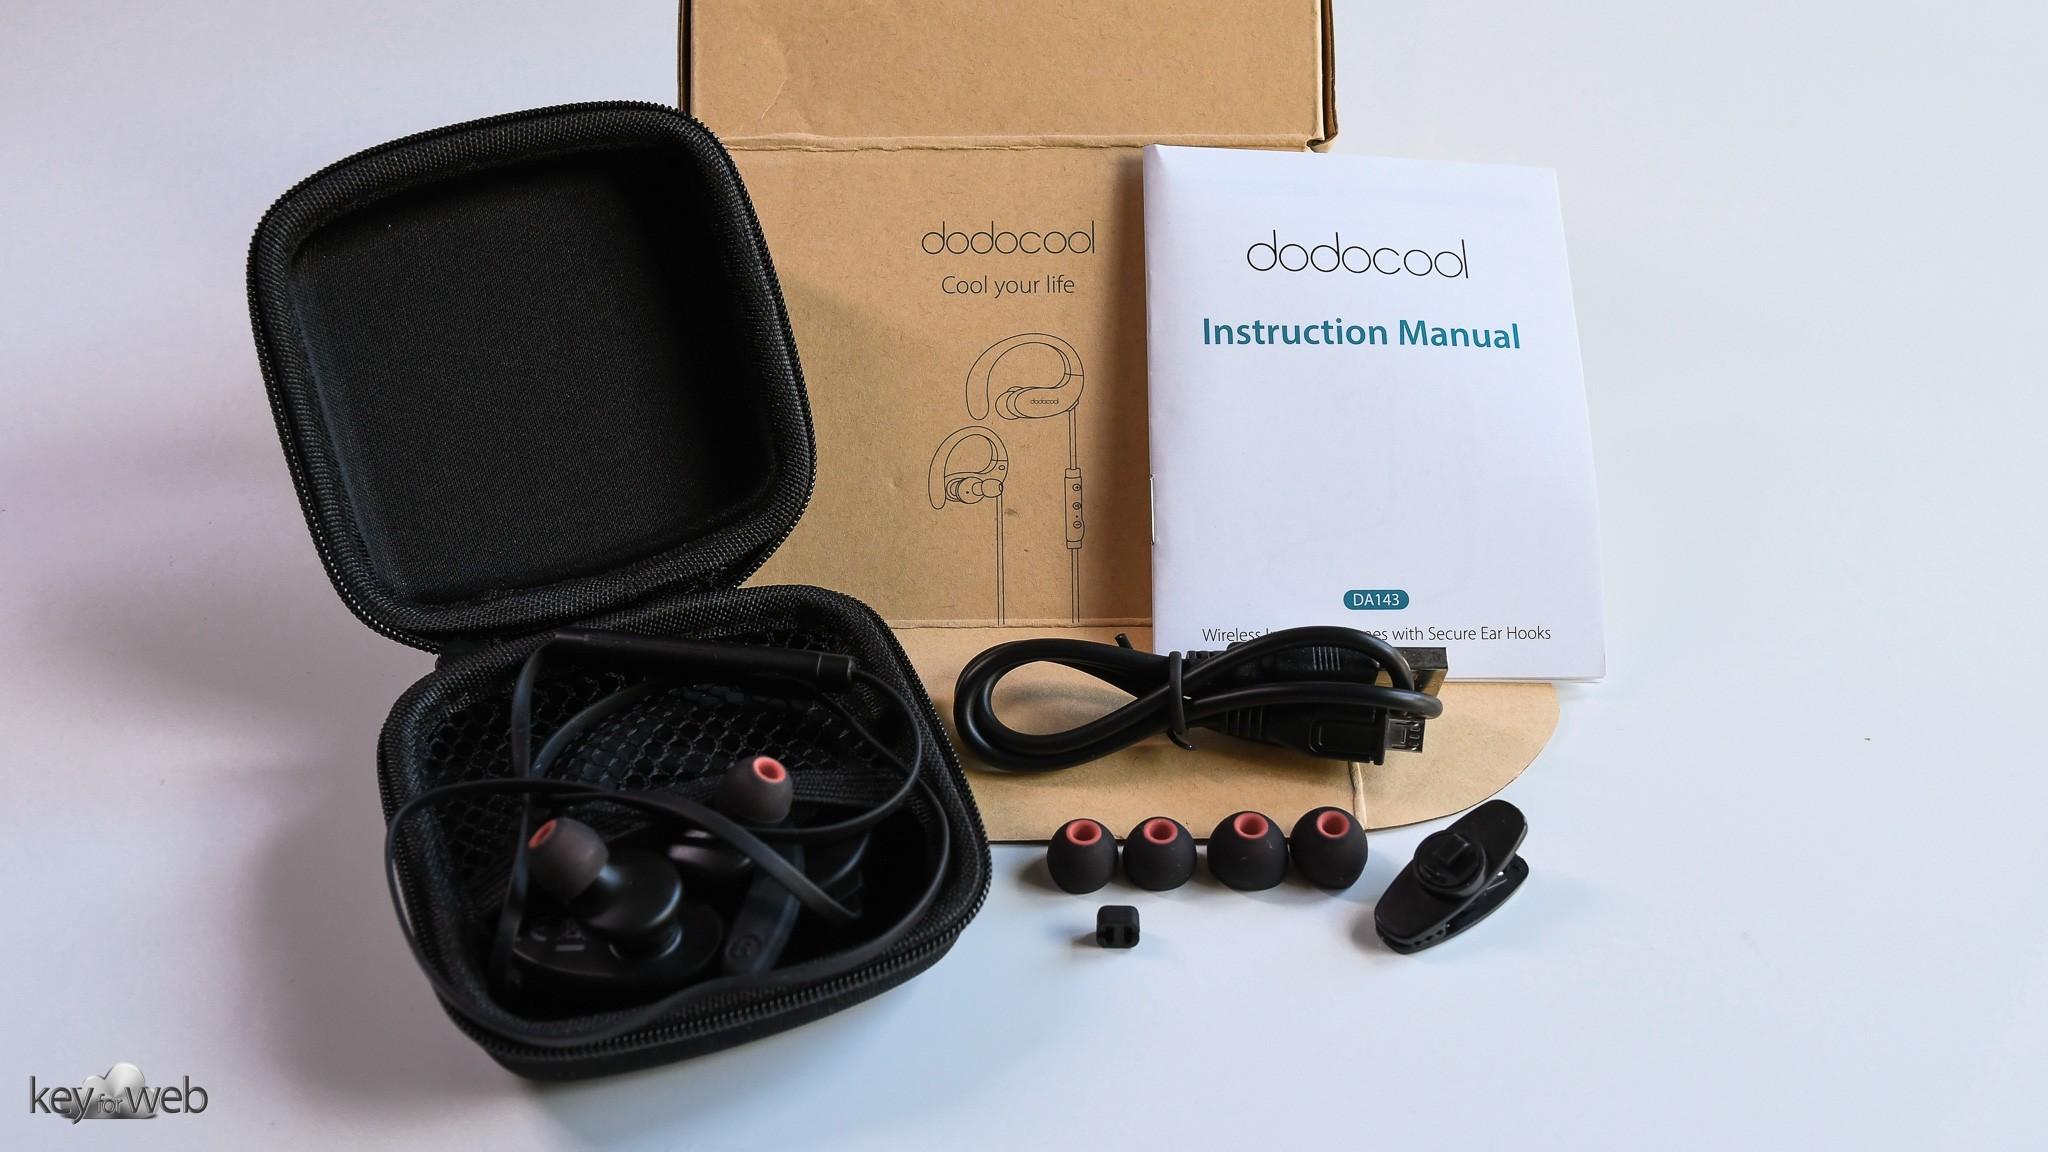 Cuffie Dodocool-DA143